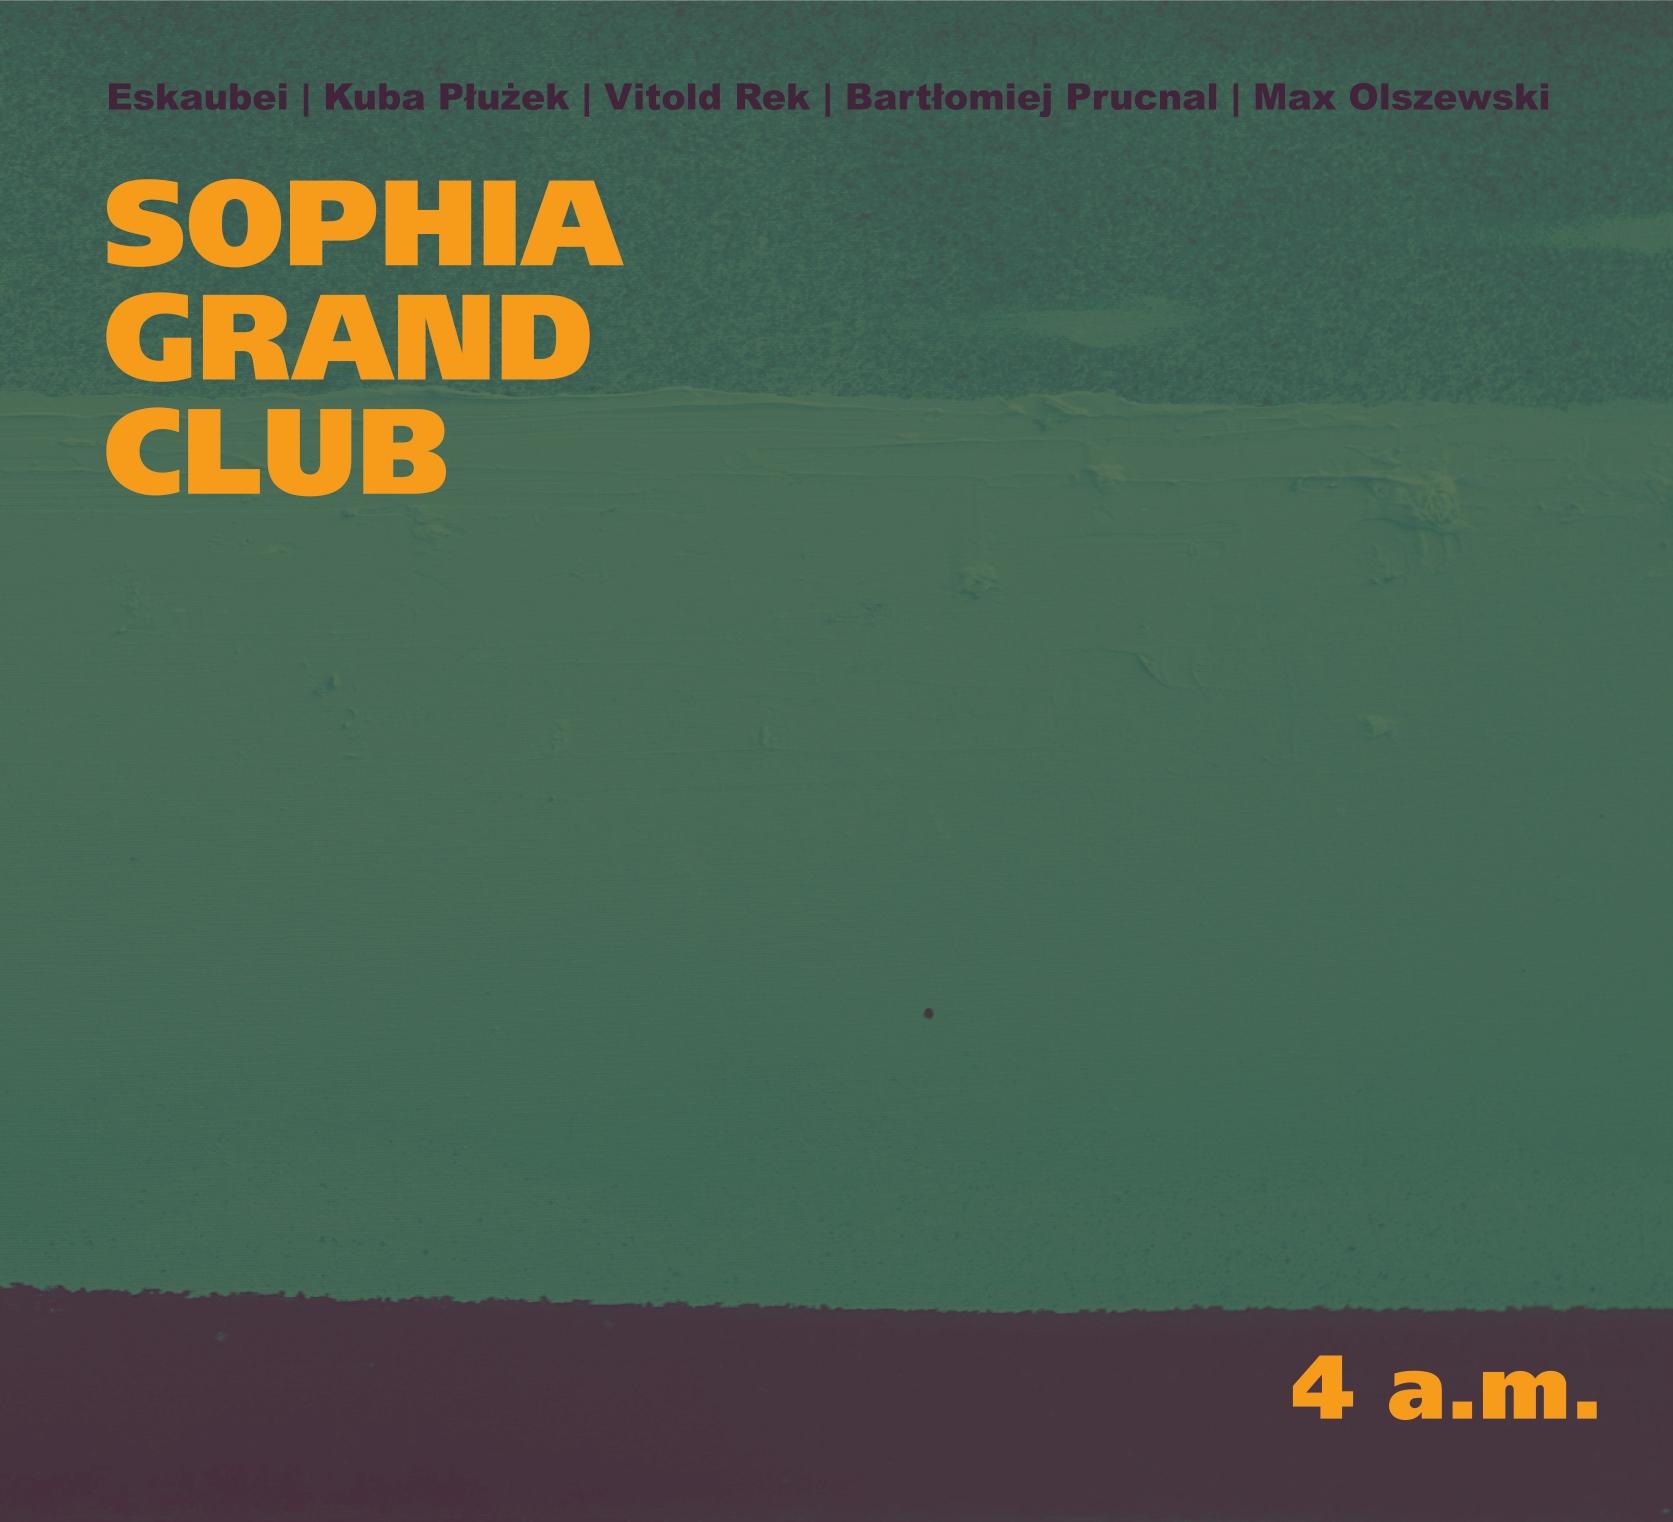 """Sophia Grand Club, """"4 a.m."""" (źródło: materiały prasowe wydawcy)"""